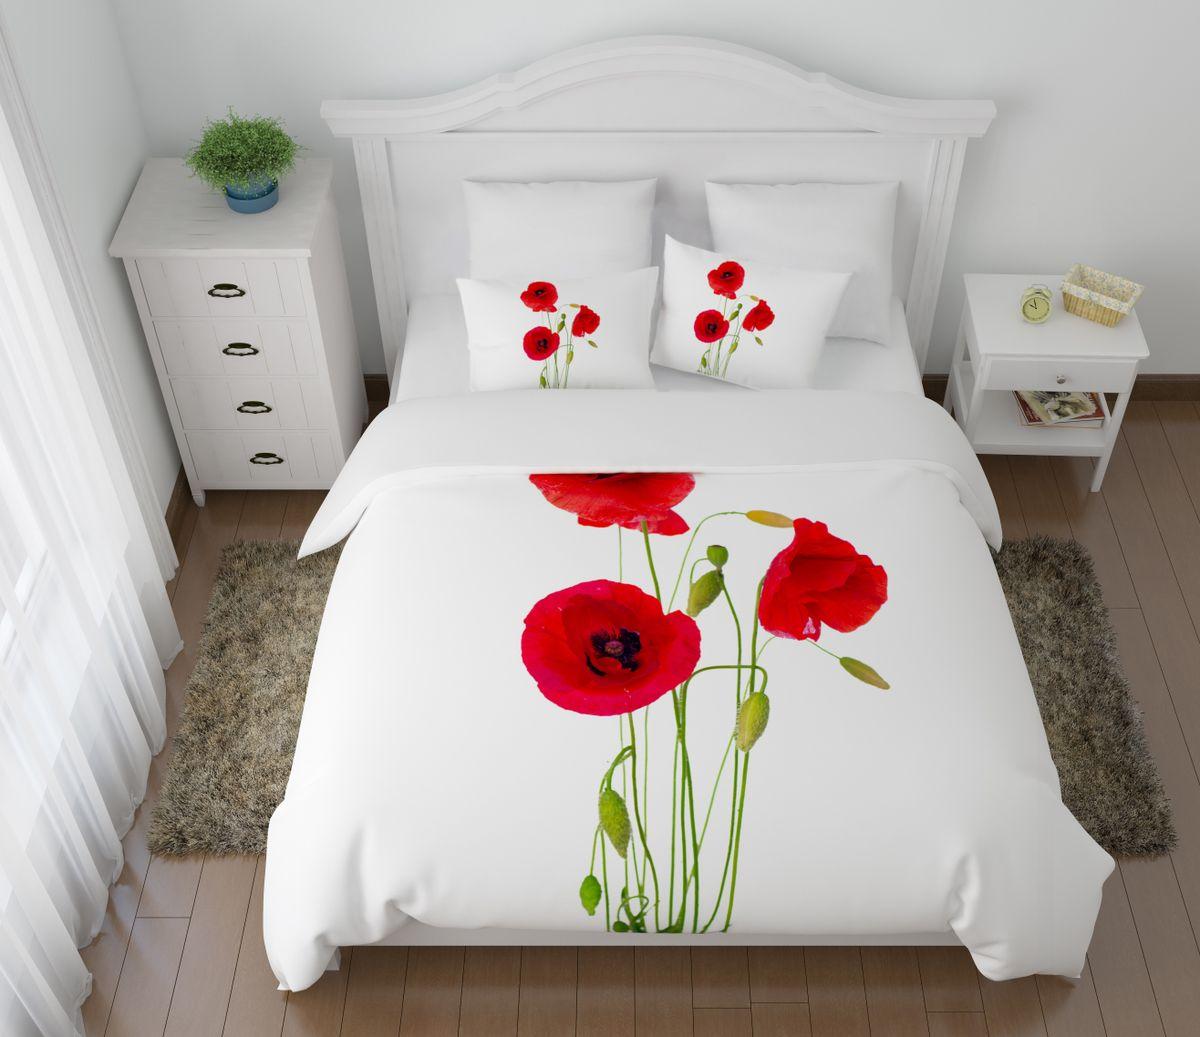 Комплект белья Сирень Выразительные маки, 1,5-спальный, наволочки 50x70391602Комплект постельного белья Сирень состоит из простыни, пододеяльника и 2 наволочек. Комплект выполнен из современных гипоаллергенных материалов. Приятный при прикосновении сатин - гарантия здорового, спокойного сна. Ткань хорошо впитывает влагу, надолго сохраняет яркость красок. Четкий, изящный рисунок в сочетании с насыщенными красками делает комплект постельного белья неповторимой изюминкой любого интерьера. Постельное белье идеально подойдет для подарка.